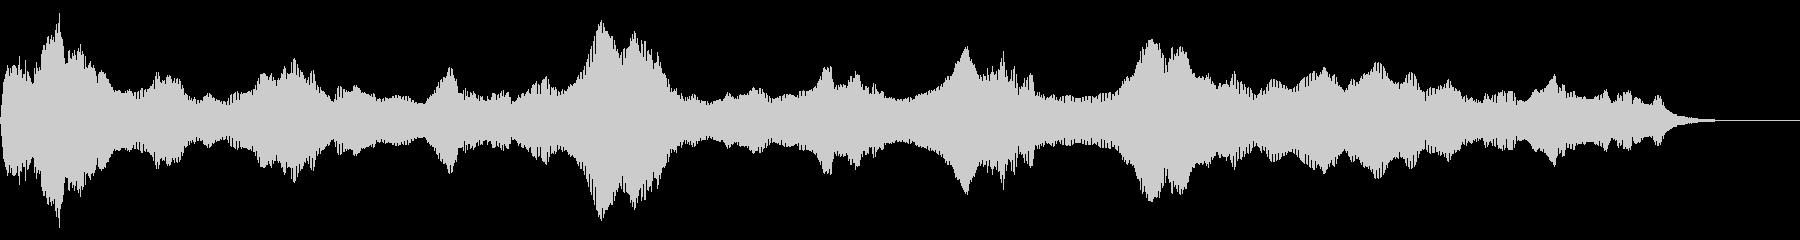 ホラードローンホーンティングローエ...の未再生の波形